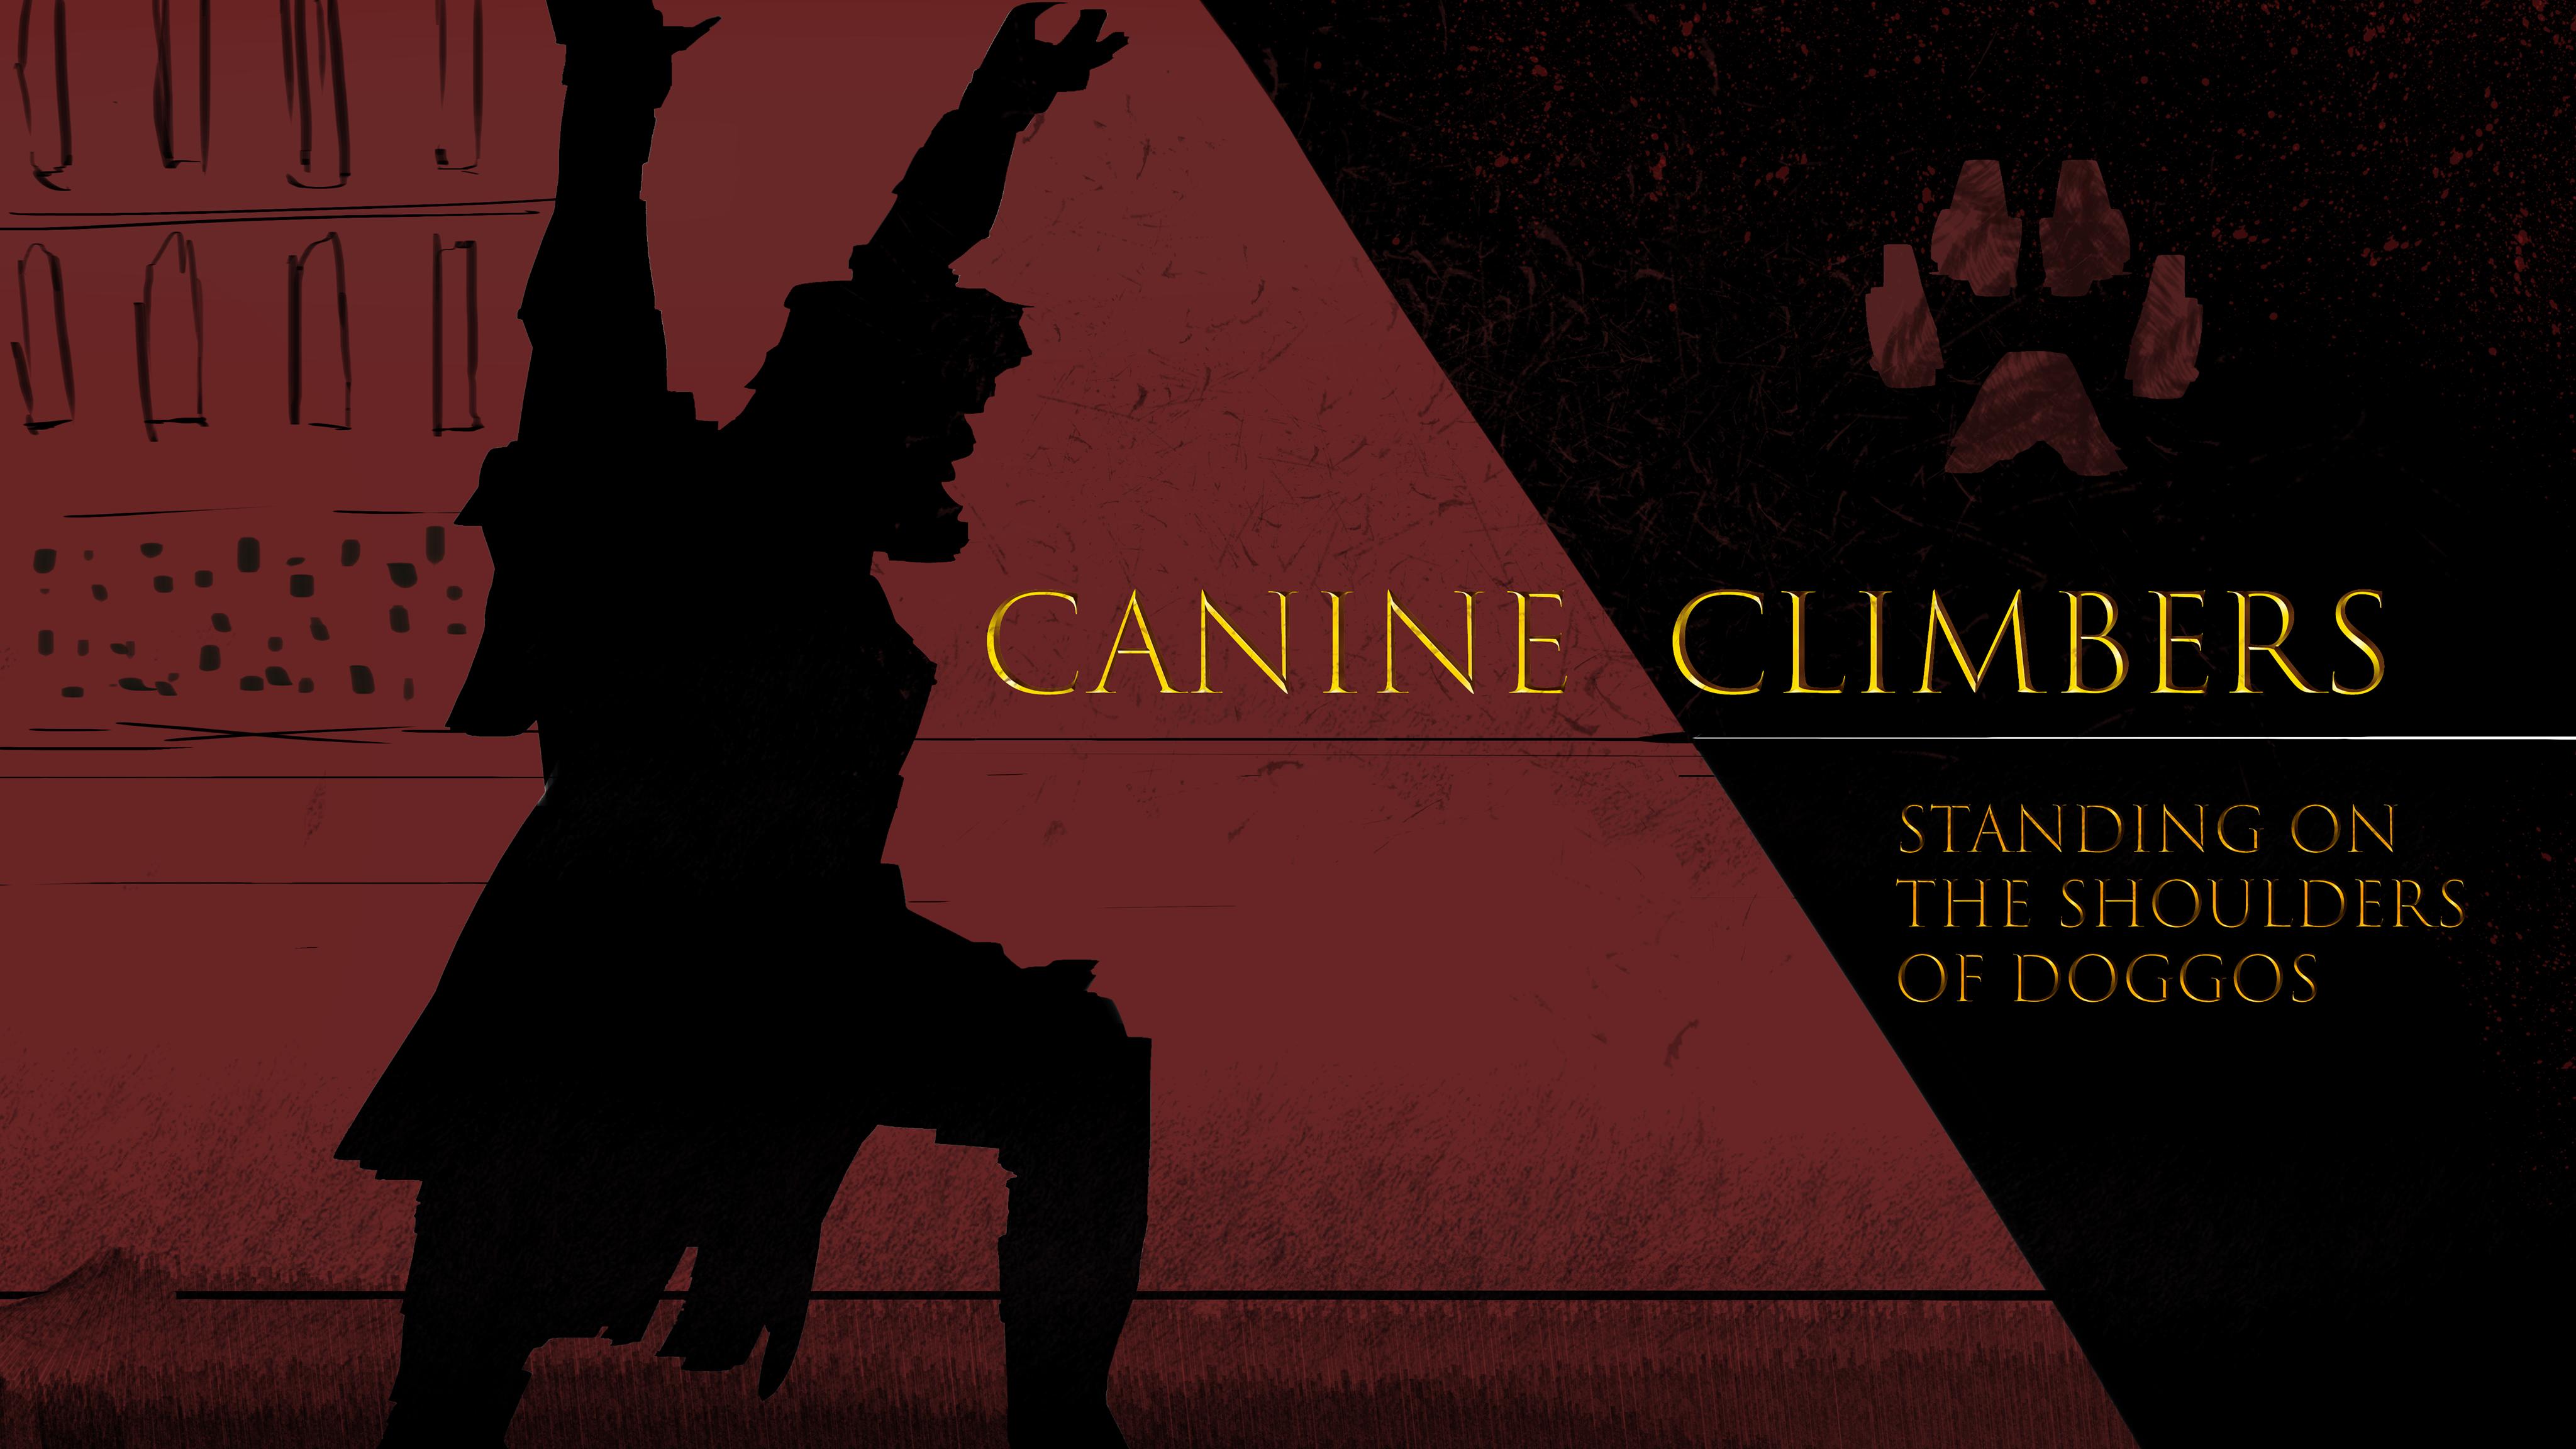 Canine Climbers